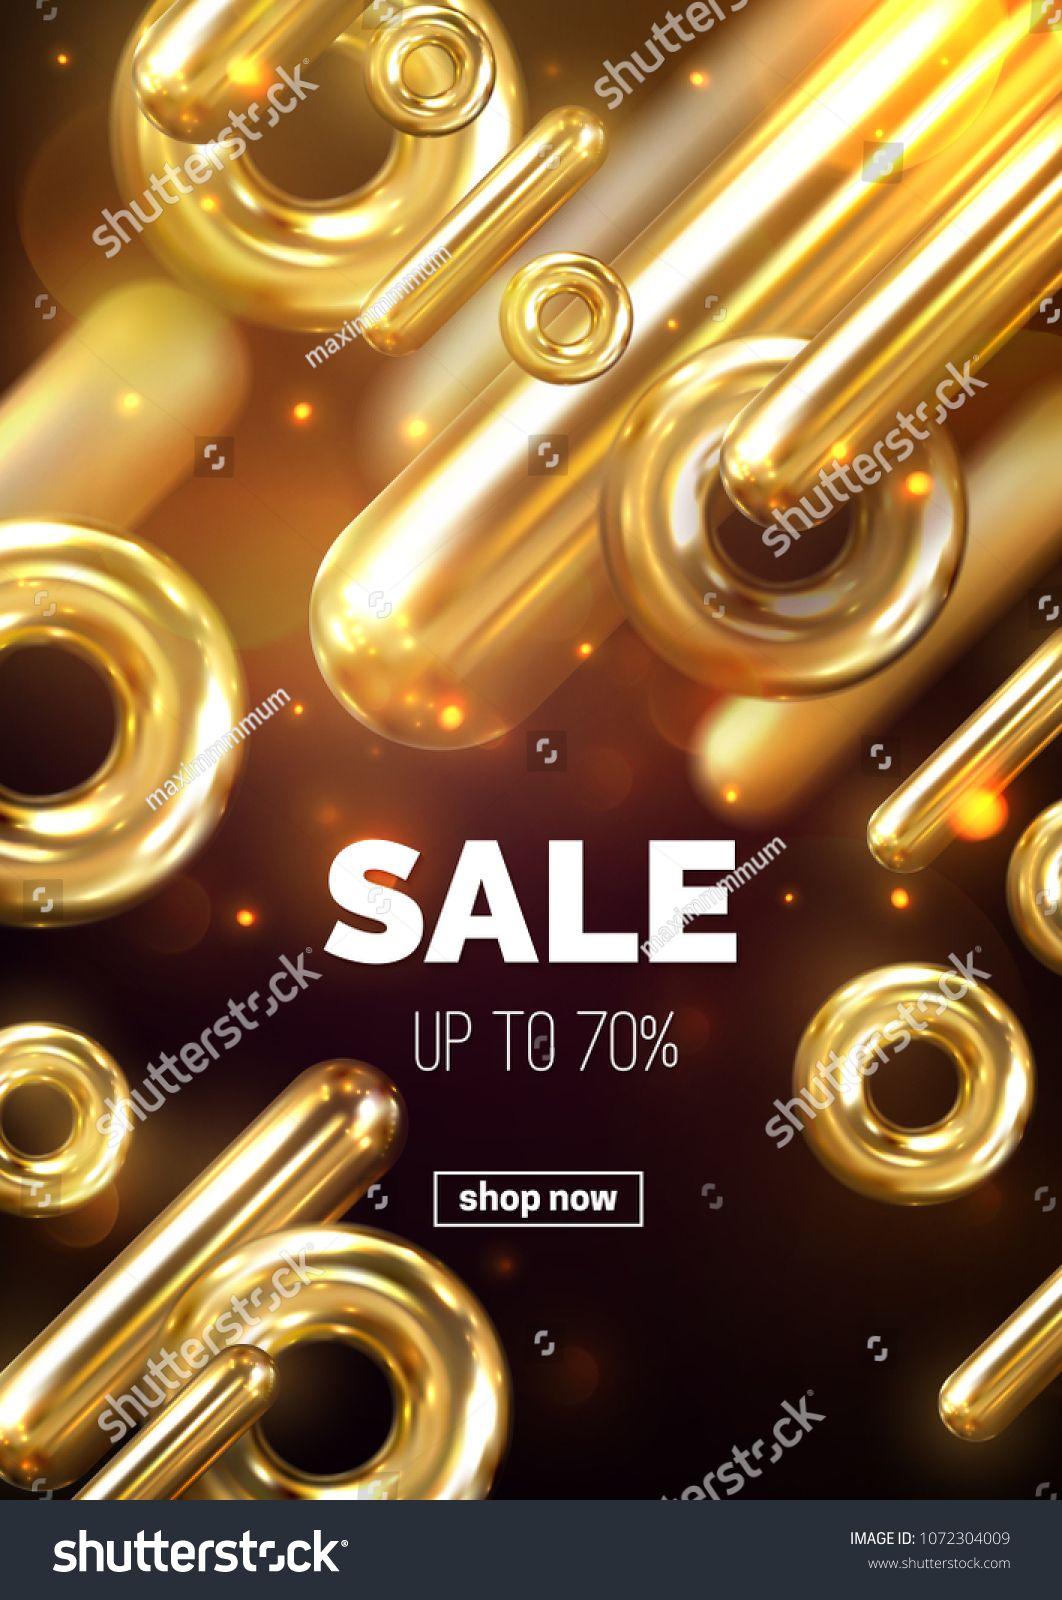 Sale banner design  Vector 3d illustration of promotional ad